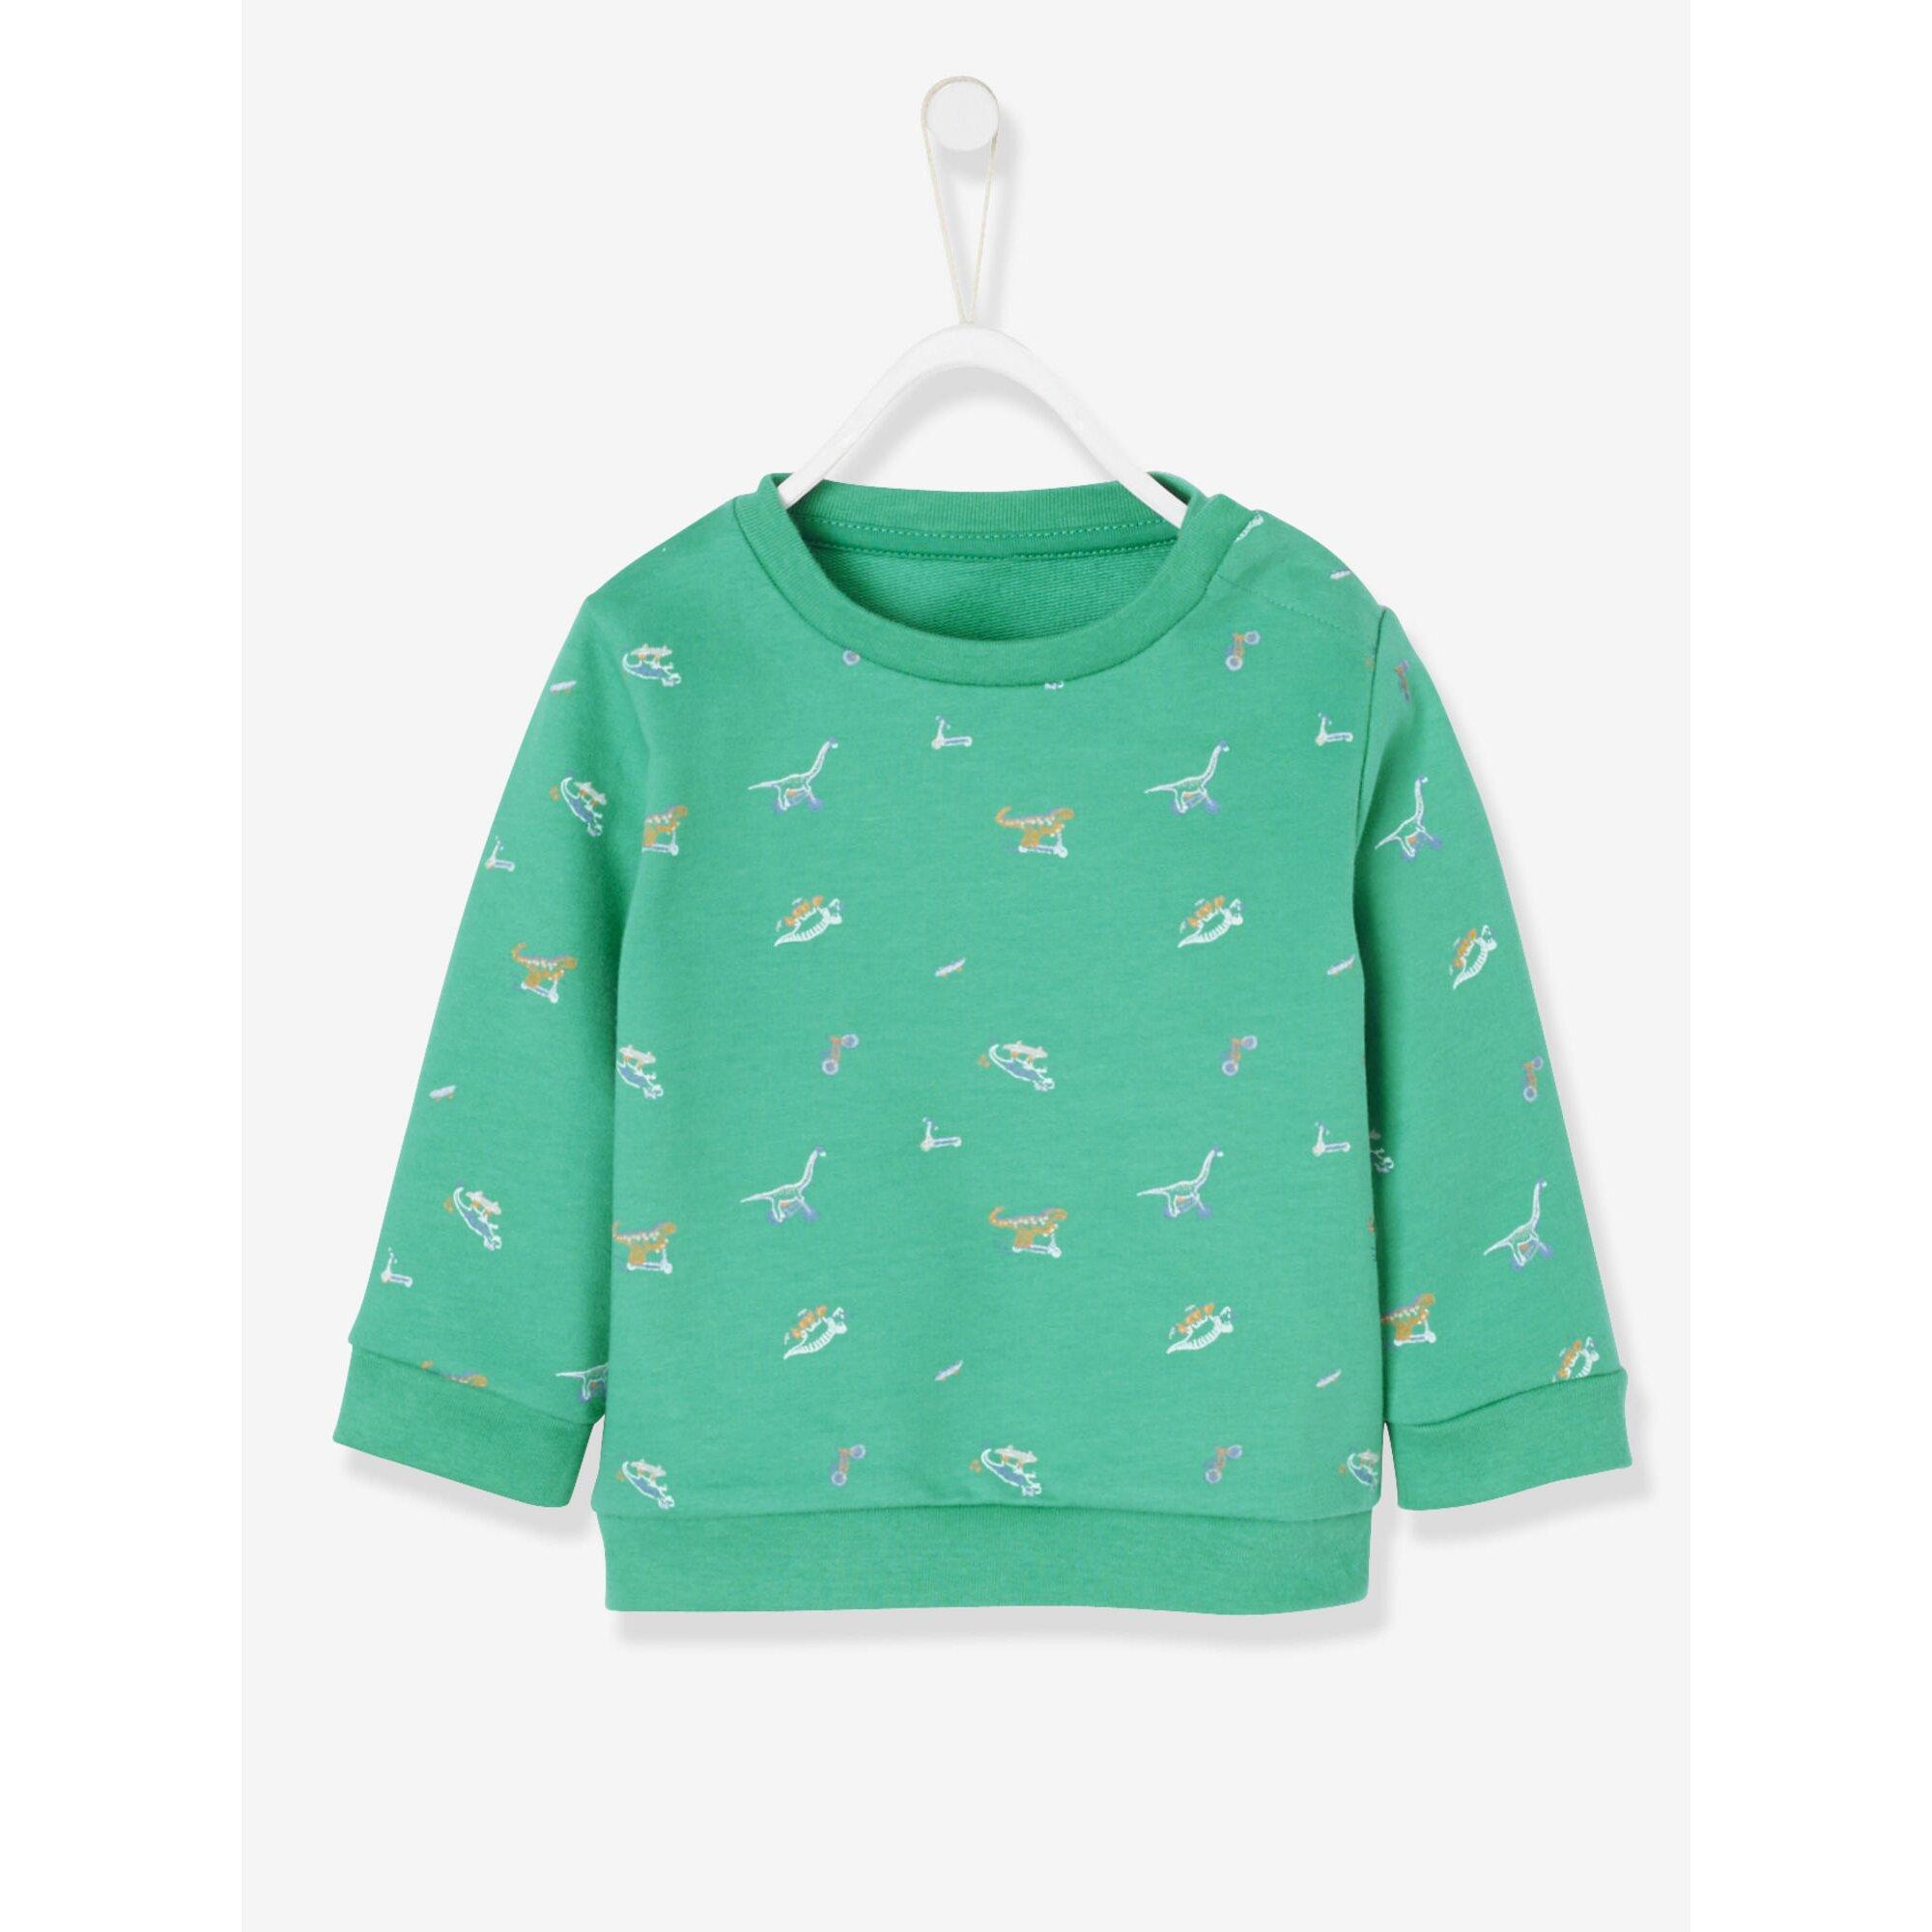 Vertbaudet Baby-Sweatshirt für Jungen, Dino-Motiv